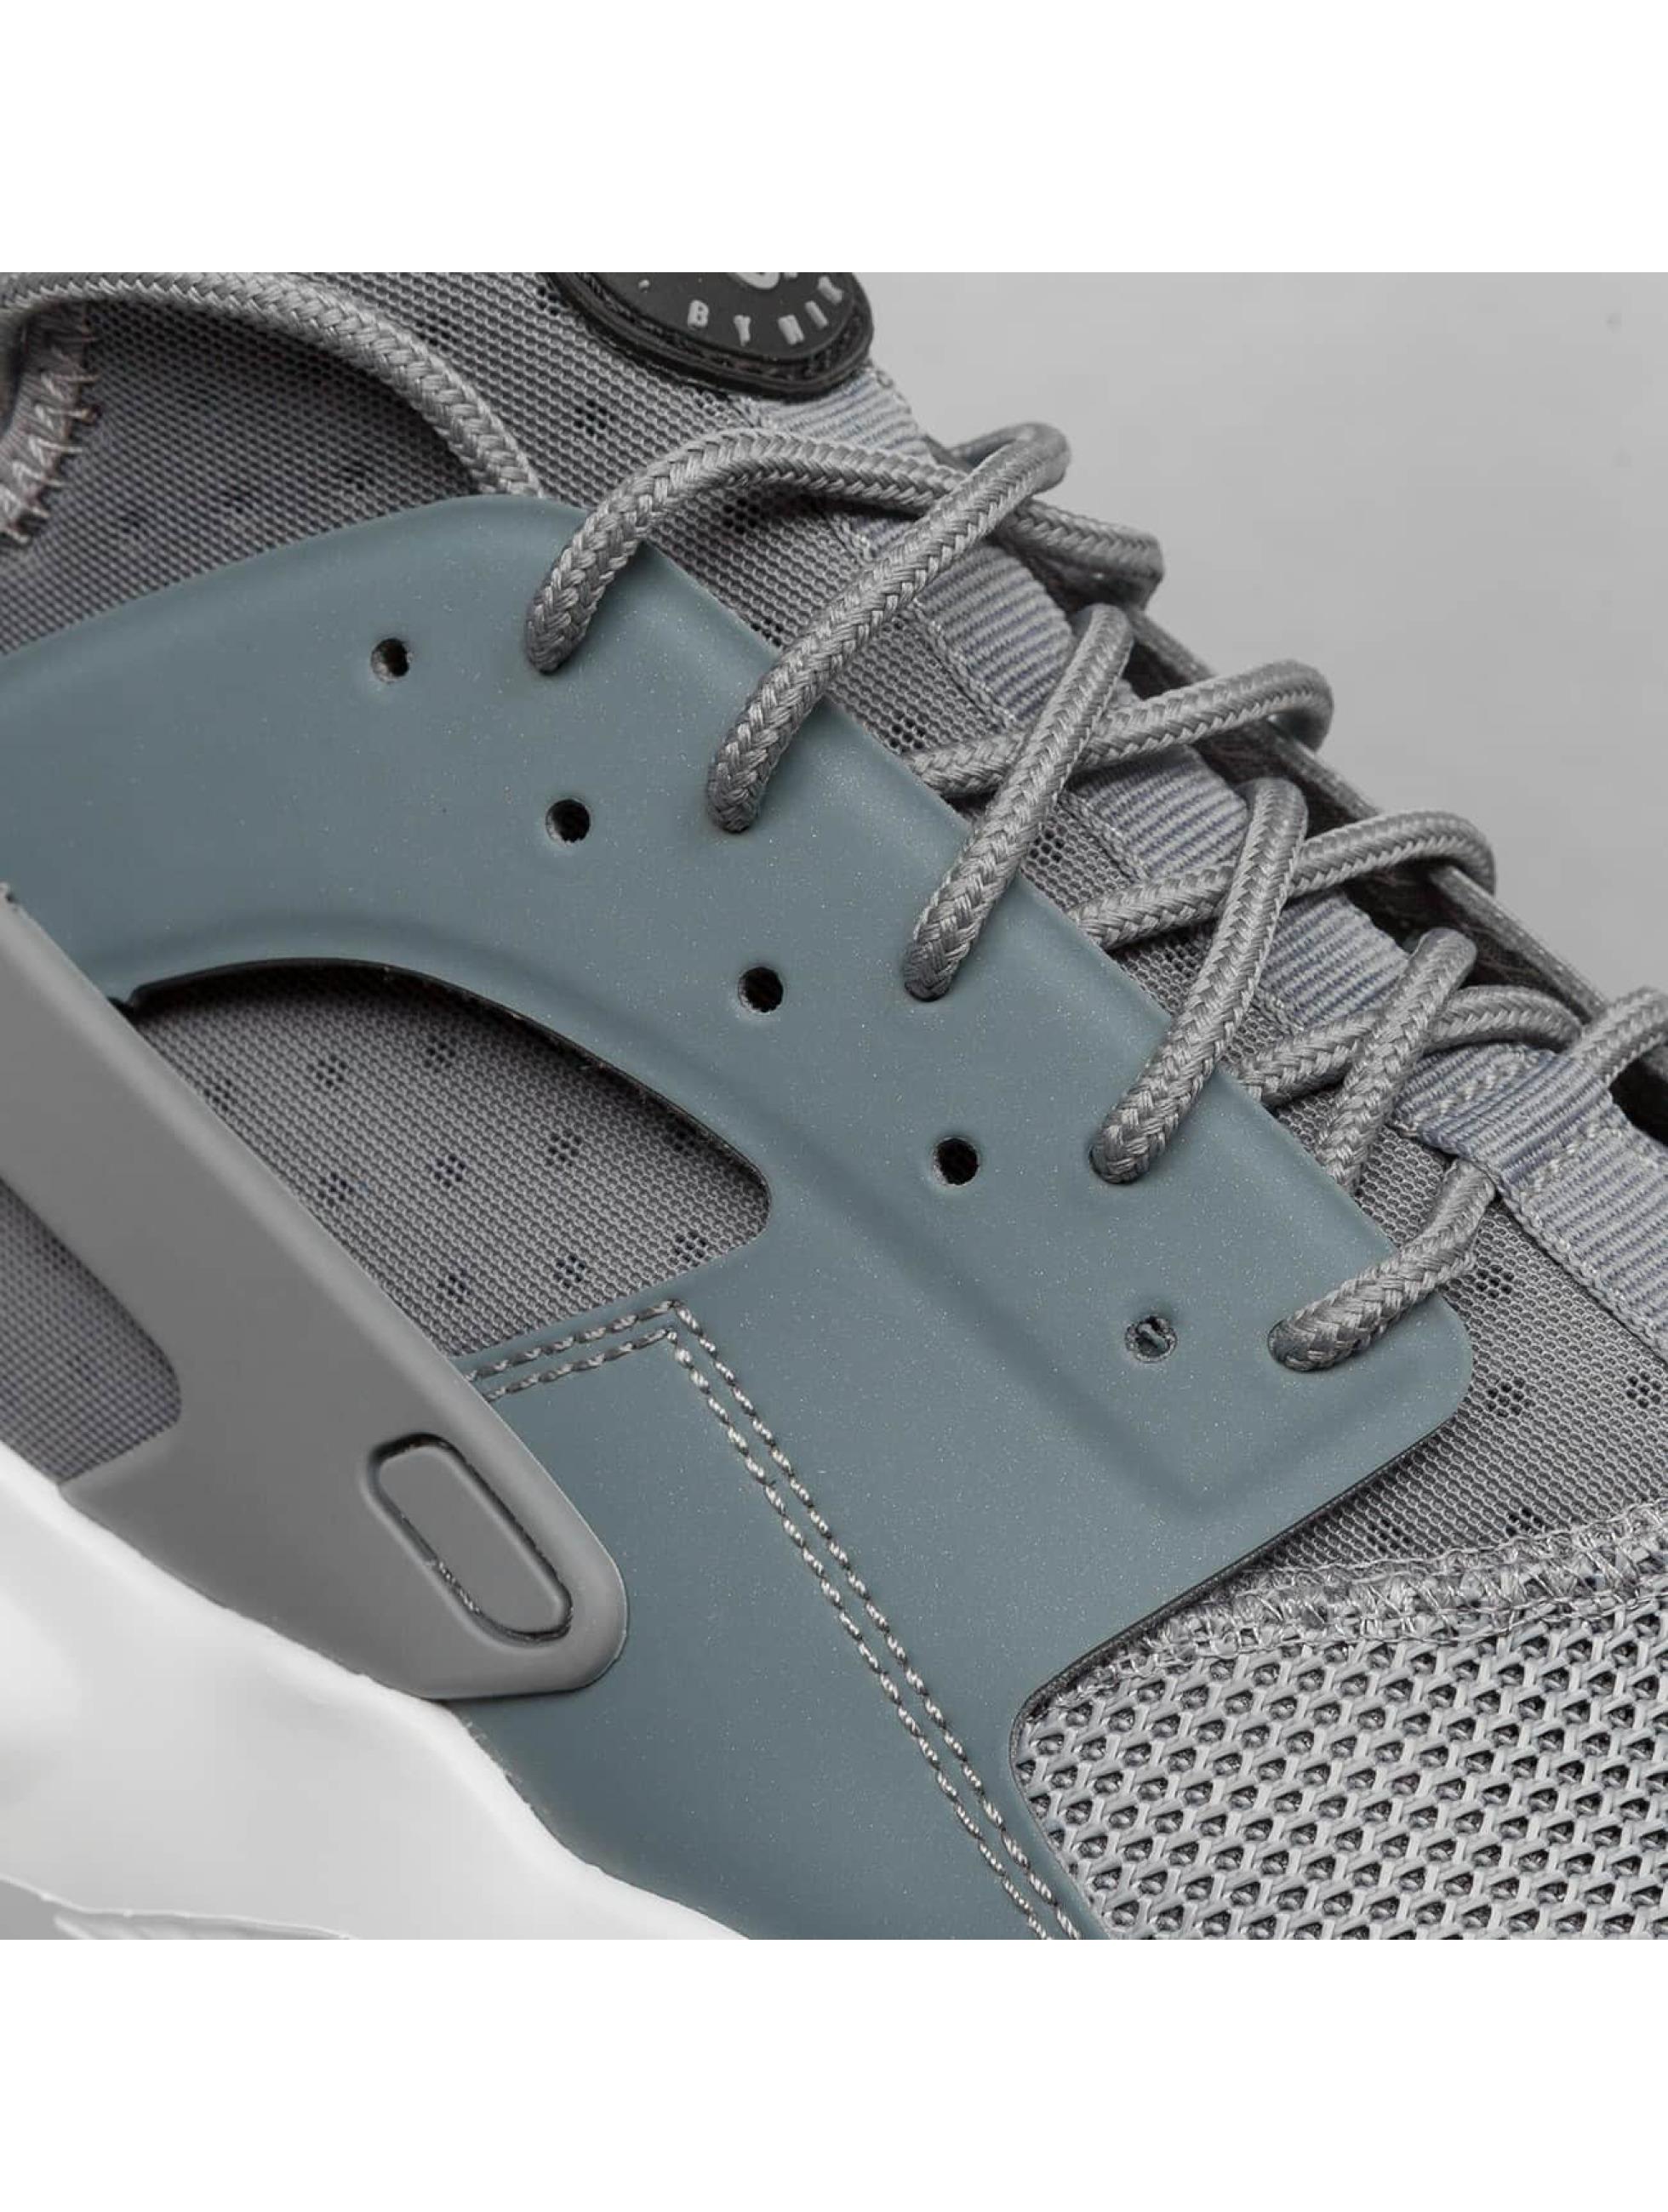 watch 87a5e e3ee2 ... nike air force een hoge grijze sokken ...